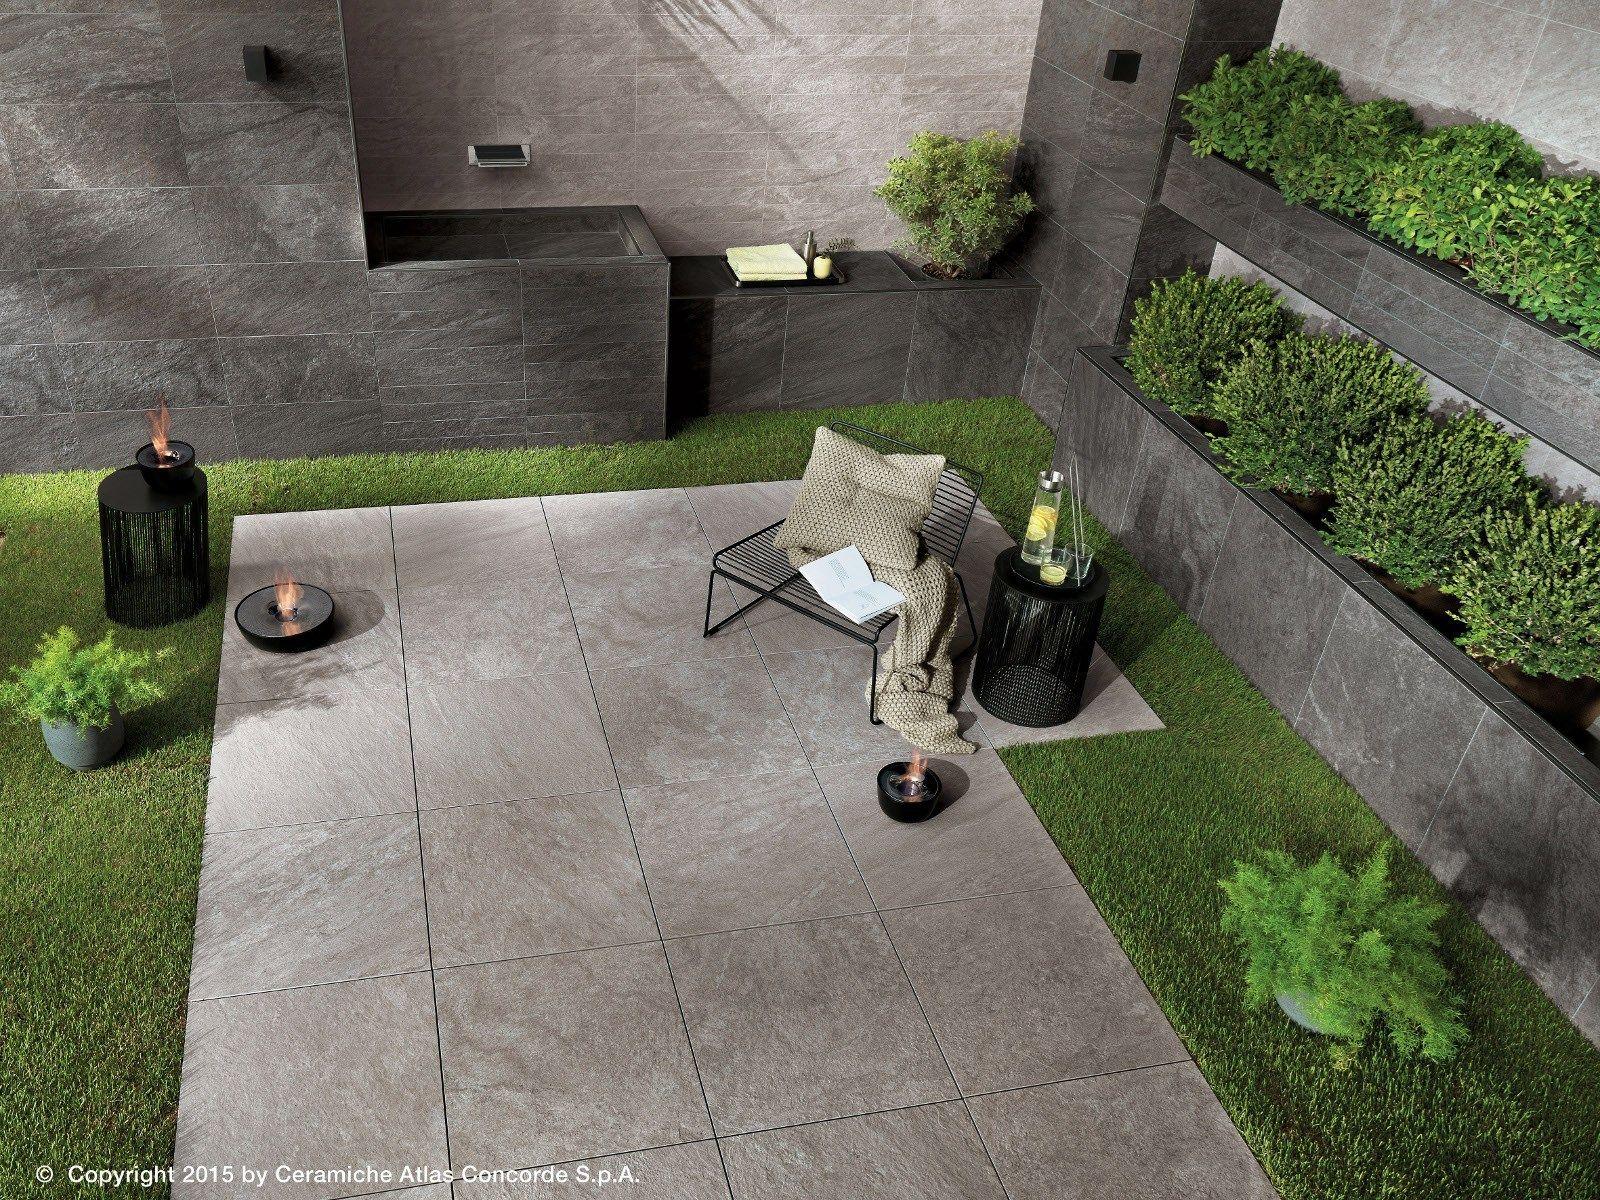 Brave gres porcellanato effetto pietra per outdoor - Gres porcellanato effetto pietra per esterni ...